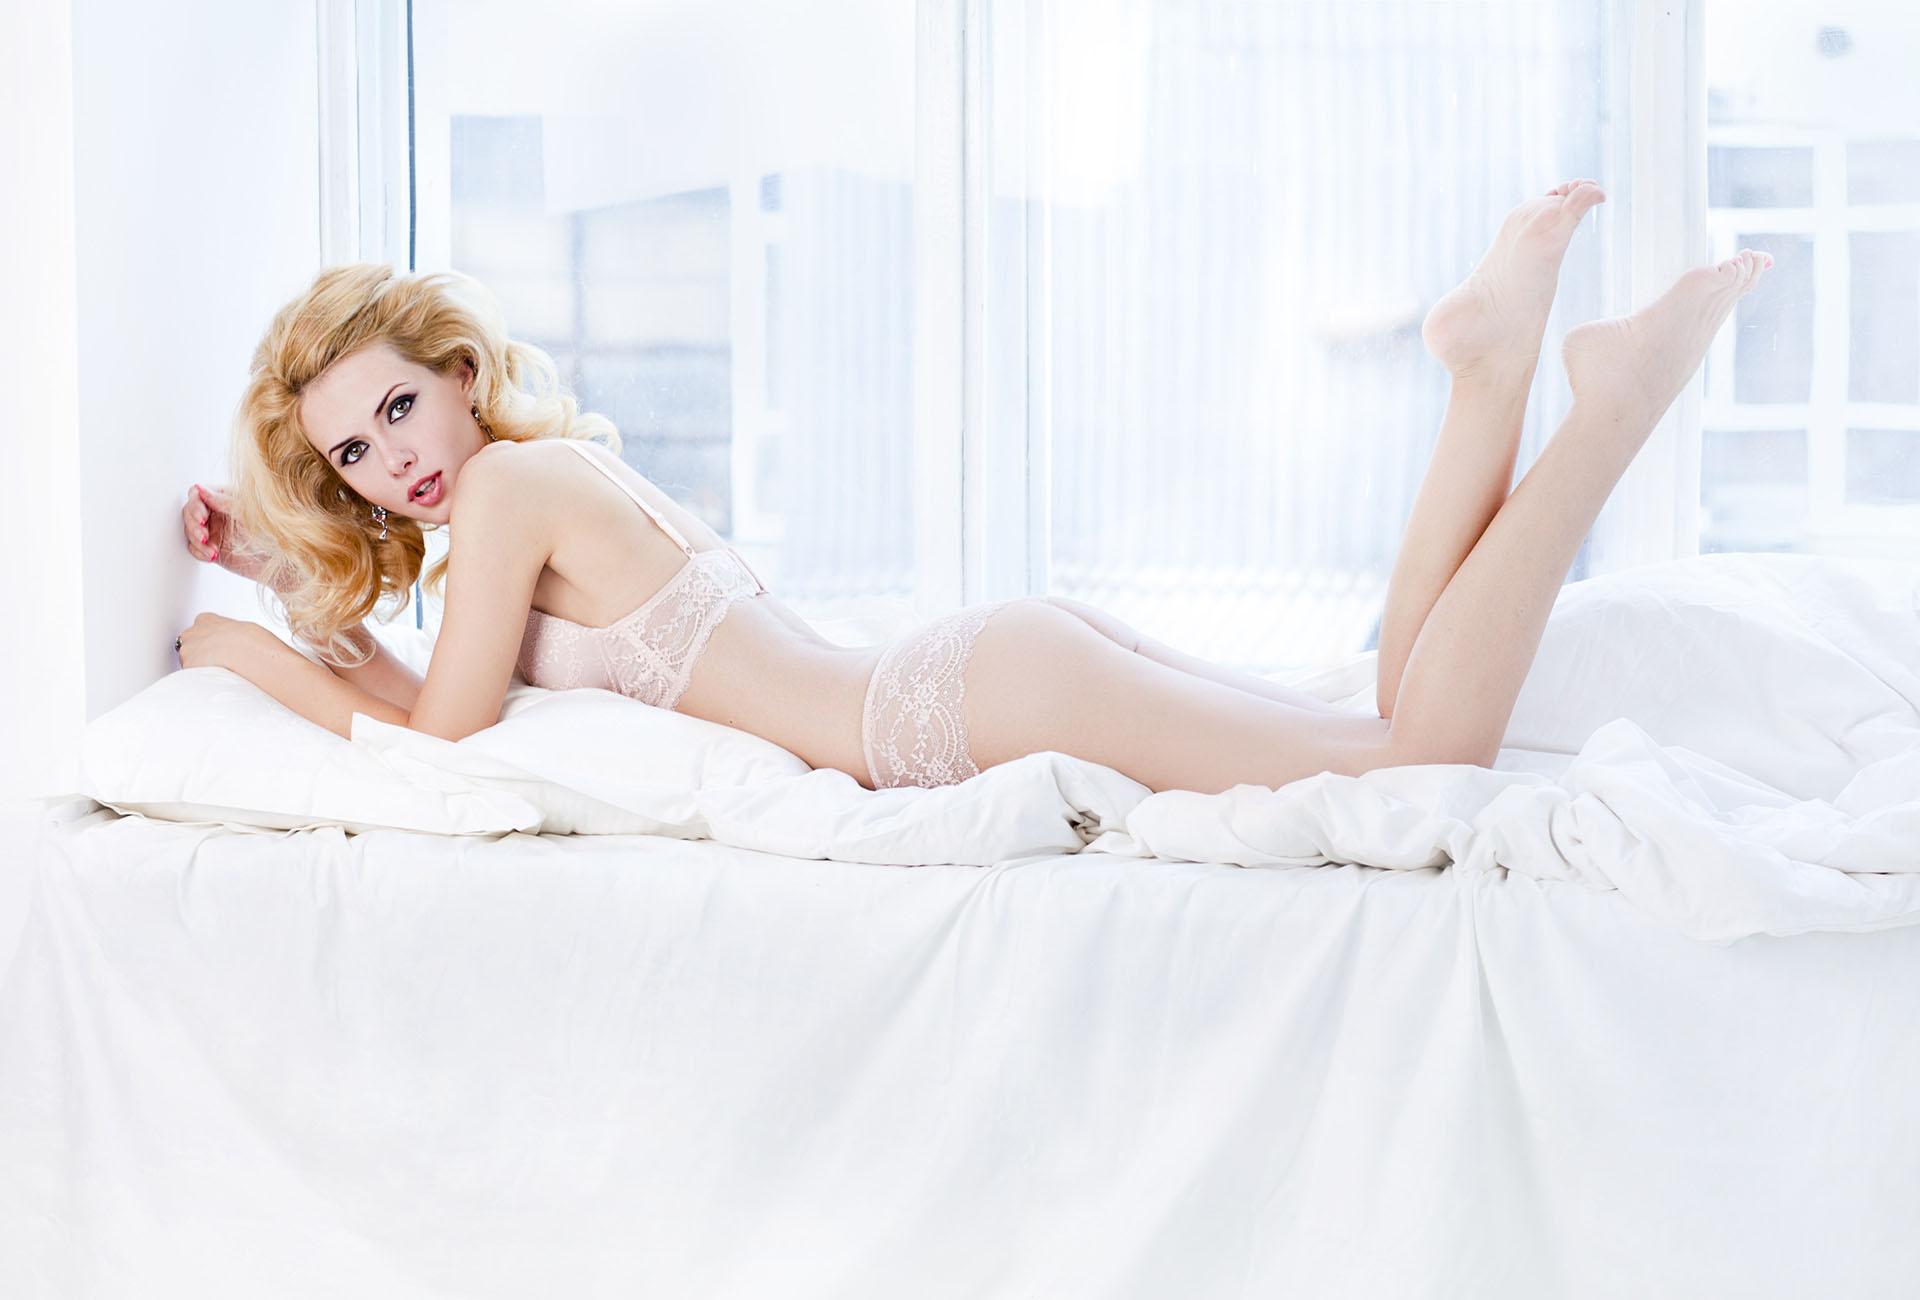 Эротическое фото профессиональных фотографов 30 фотография